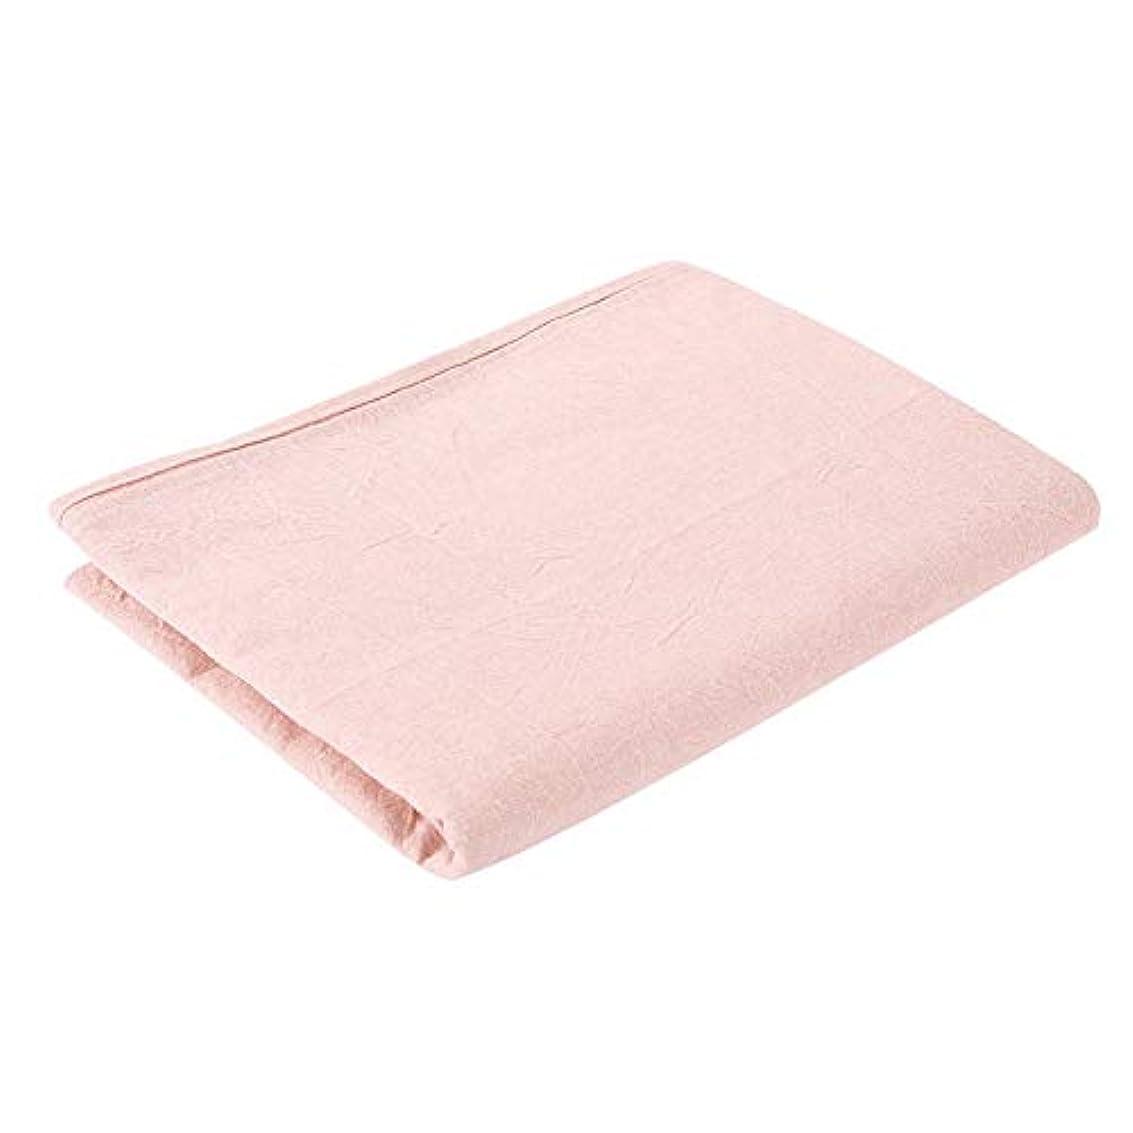 便益レオナルドダファシズム通気性のある 穴が付いている 8色 美容院 マッサージ 鉱泉 ソファー 顔の呼吸穴が付いている カバー 柔らかい 綿 ベッド カバー(07)